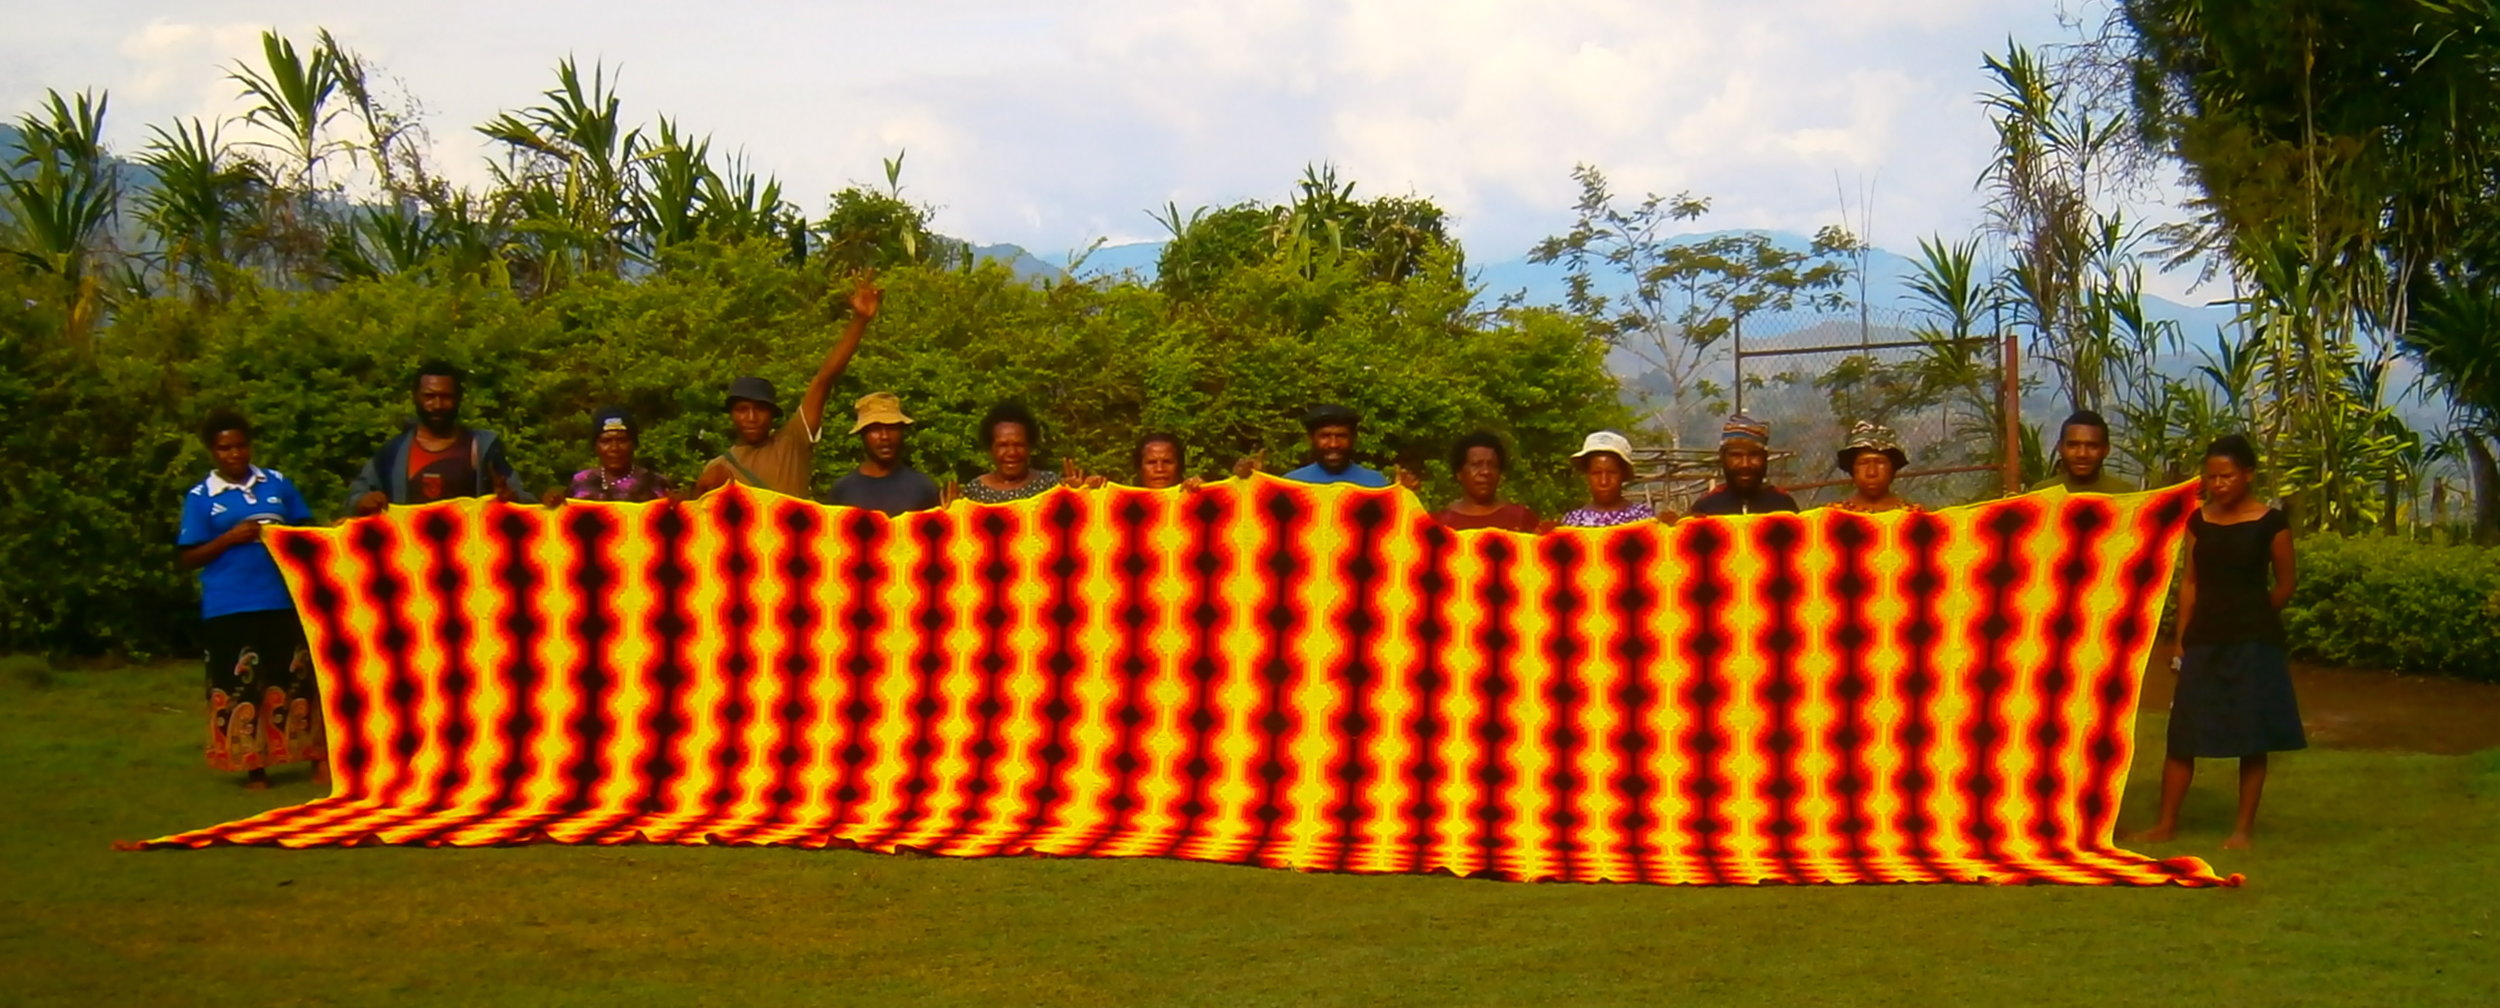 The Kalibobo bilum in progress. Goroka,New Guinea 2011.